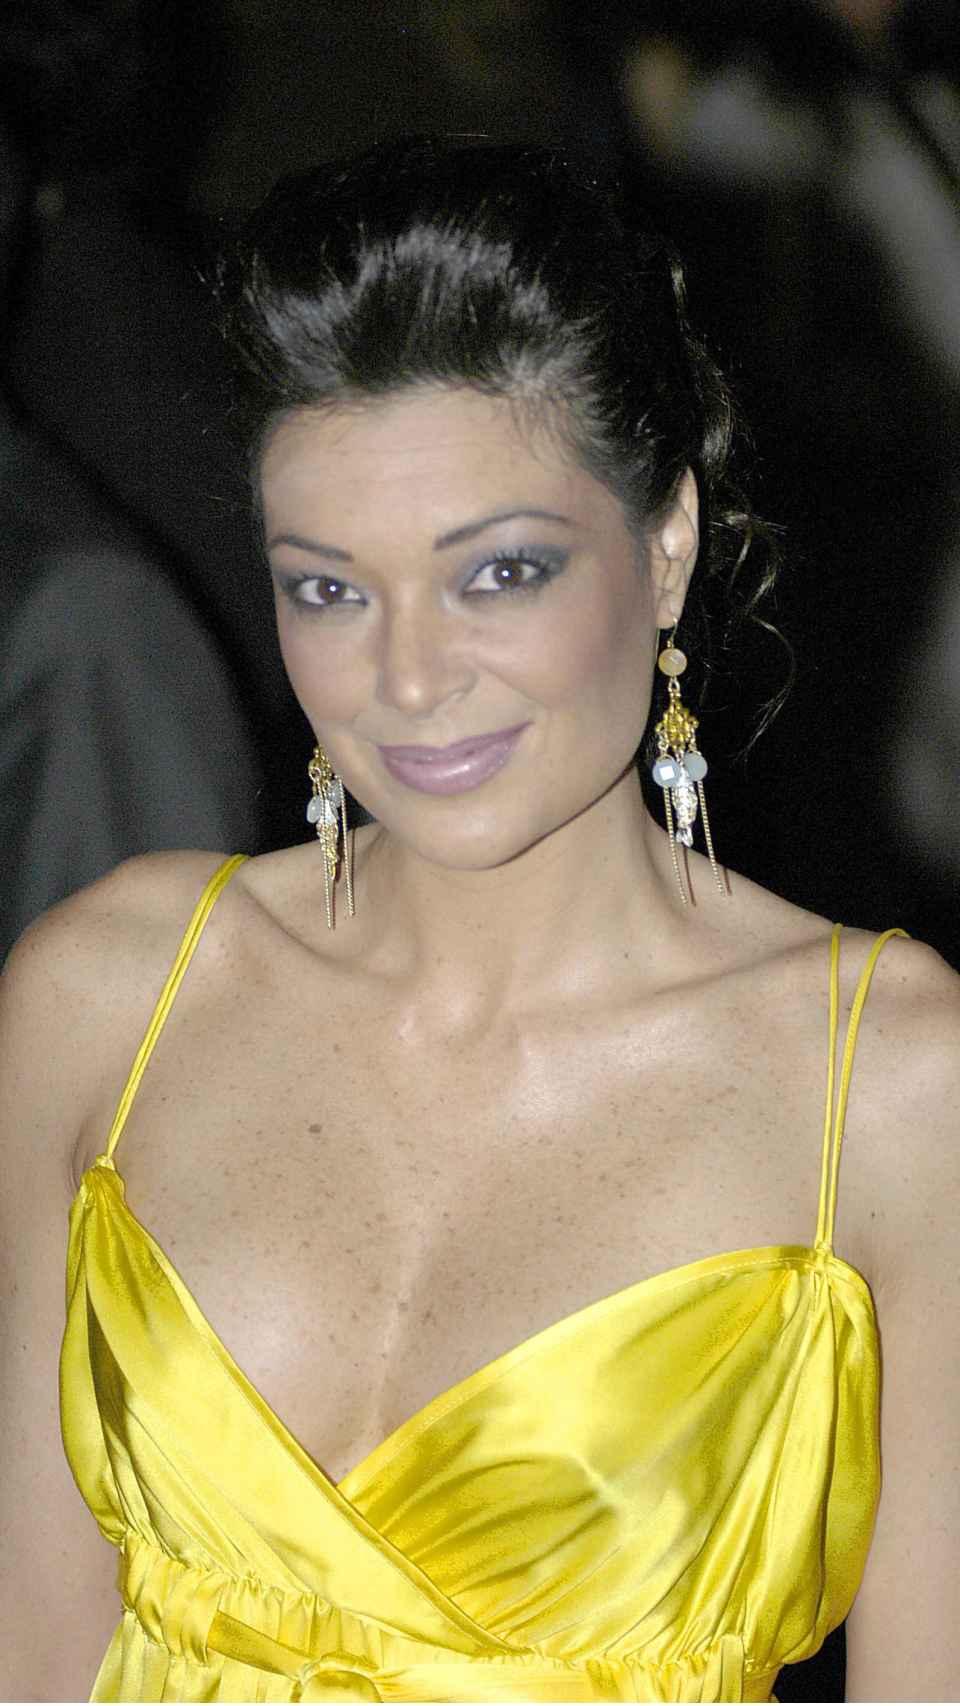 Lucía Hoyos en una imagen de enero de 2006.